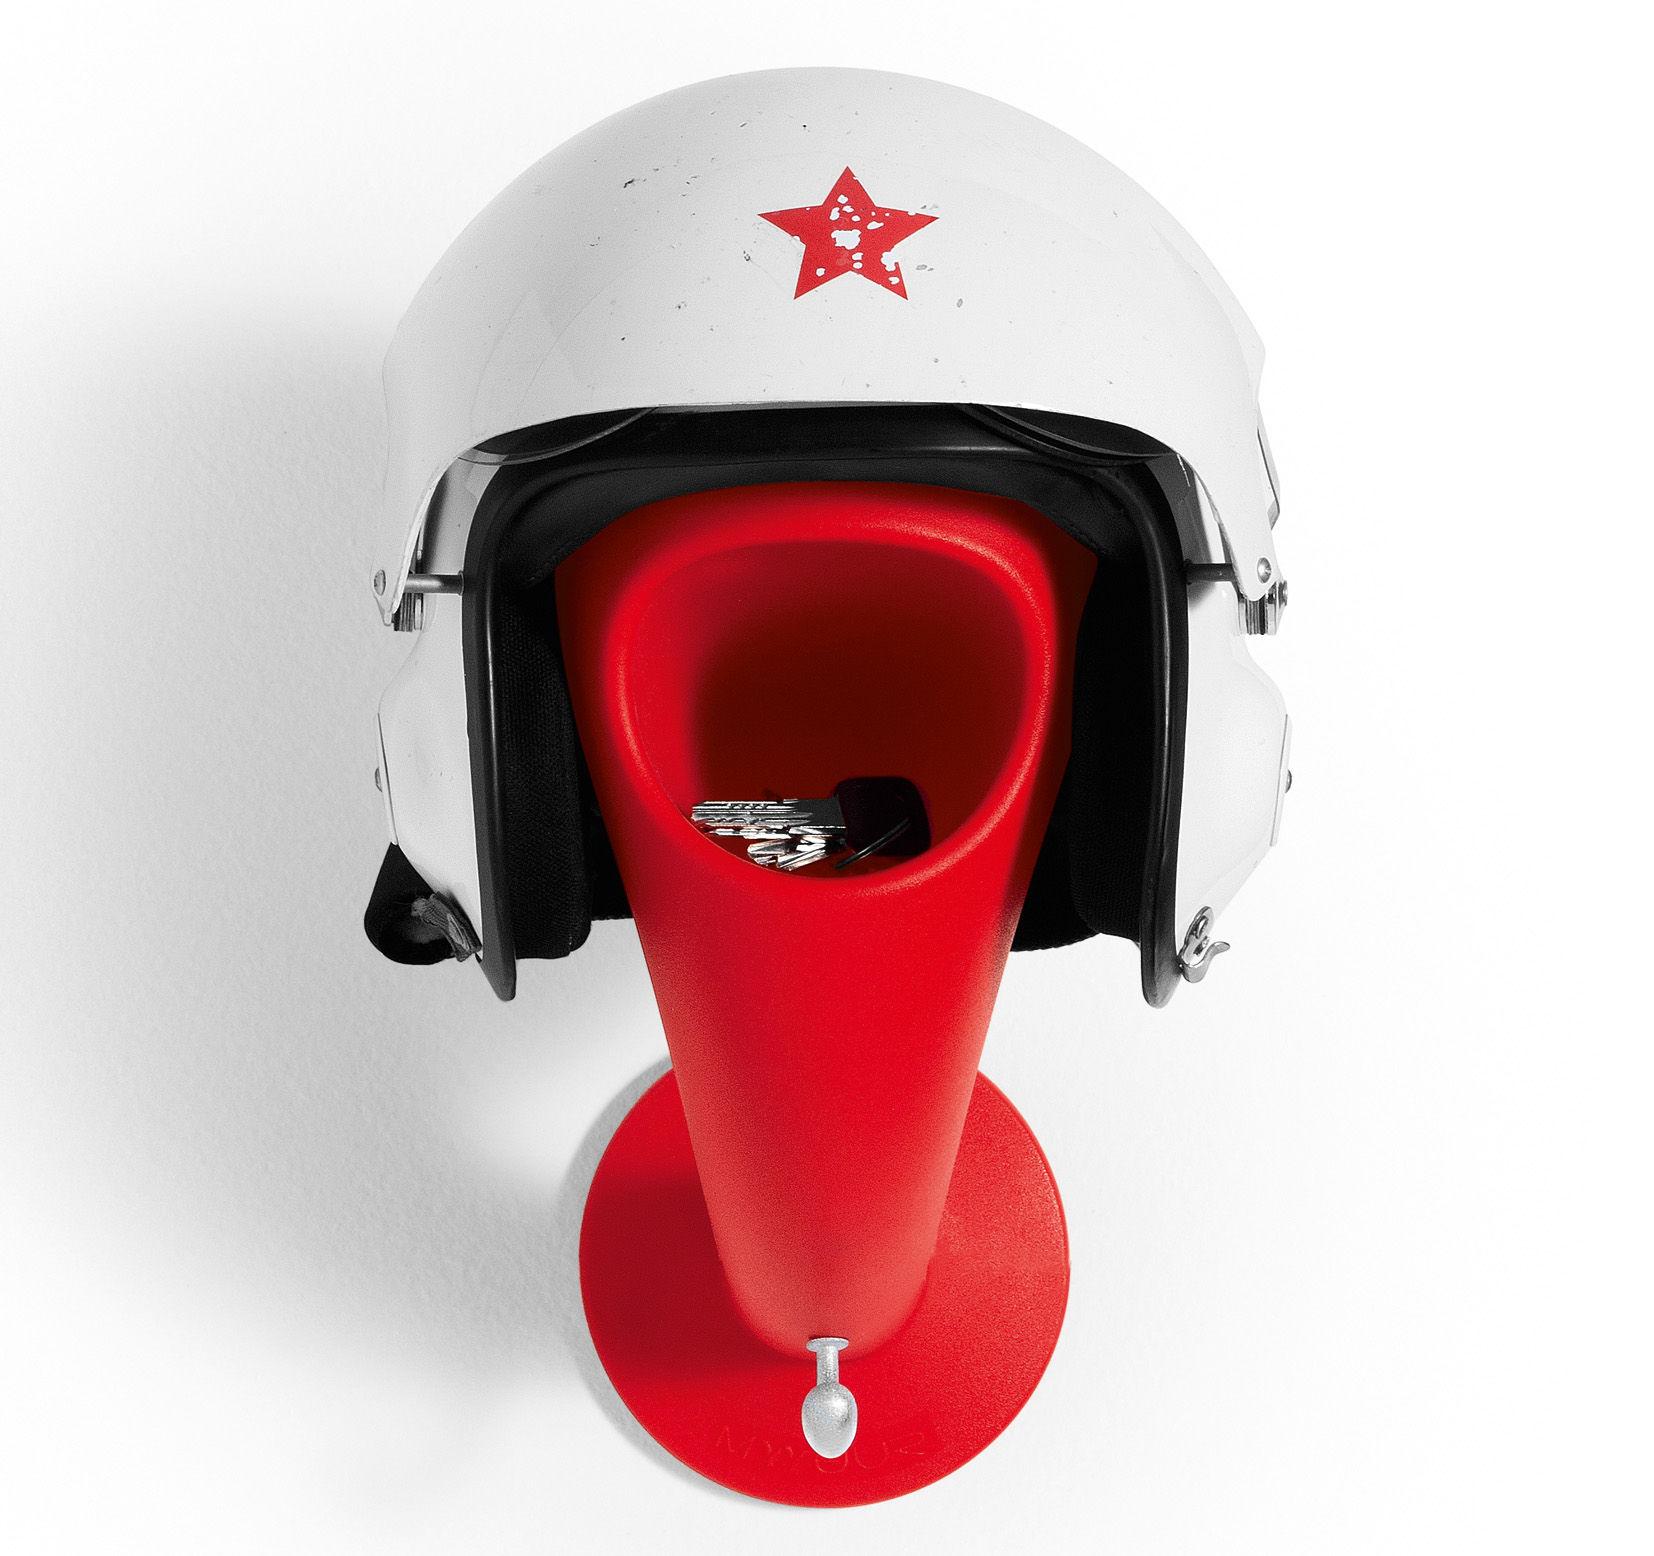 Pat re crazy head porte casque vide poche rouge myyour - Porte casque audio ...